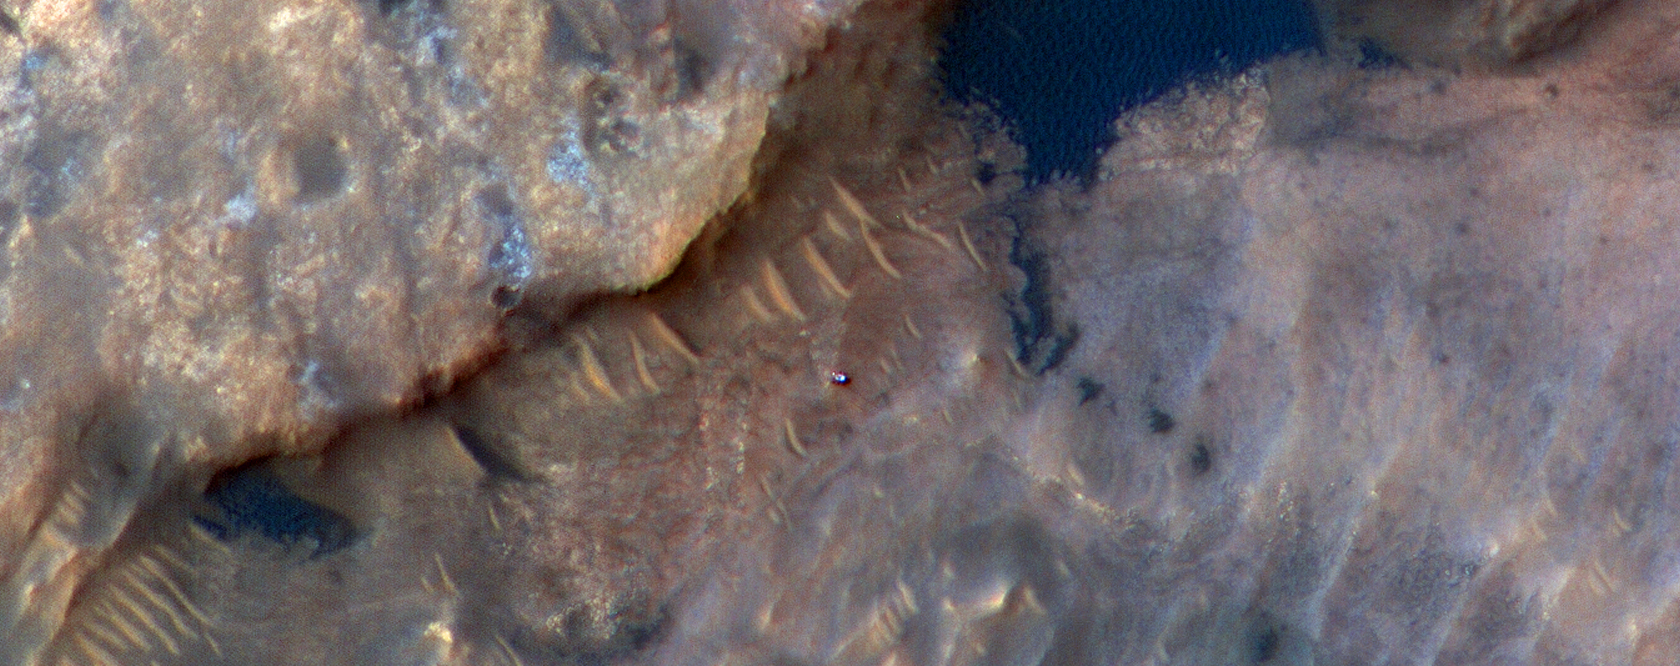 """Curiosity roveren fotograferet af HrRISE på """"Woodland Bay""""  i Gale krateret på Mars"""